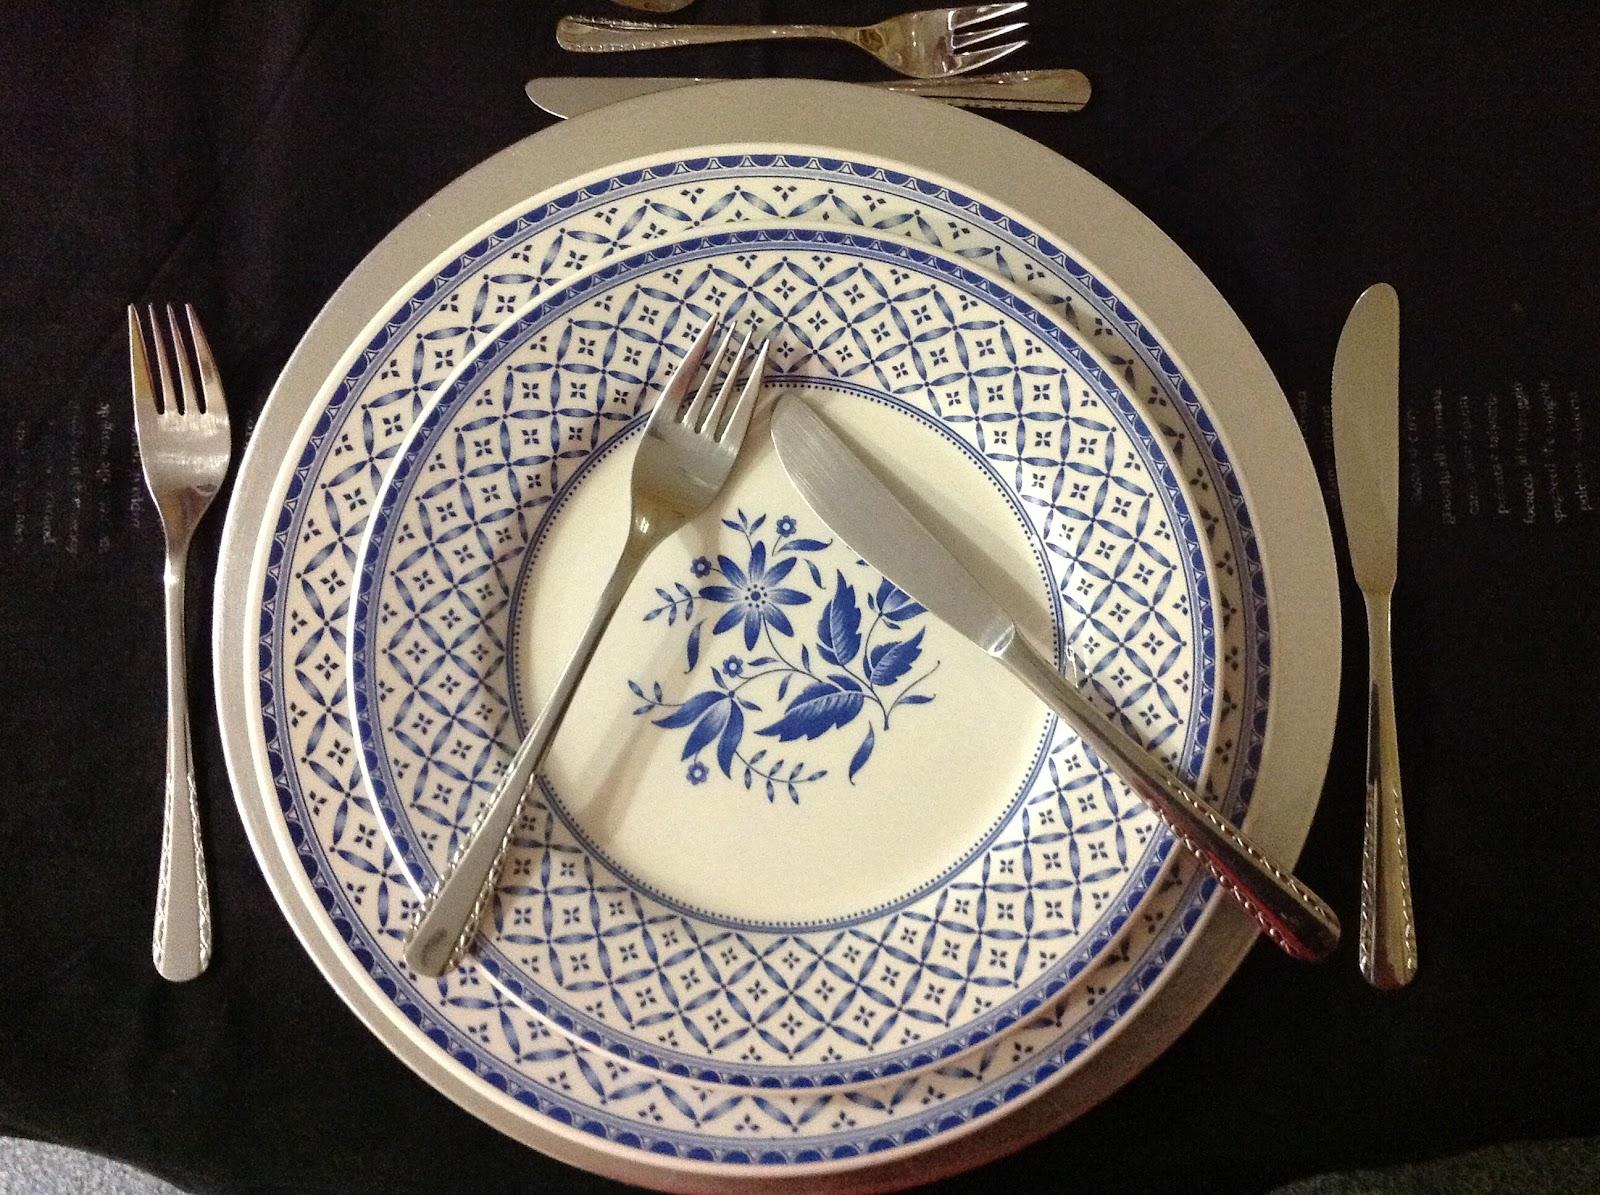 Conoces las normas del protocolo de mesa la boella la for Protocolo cubiertos mesa